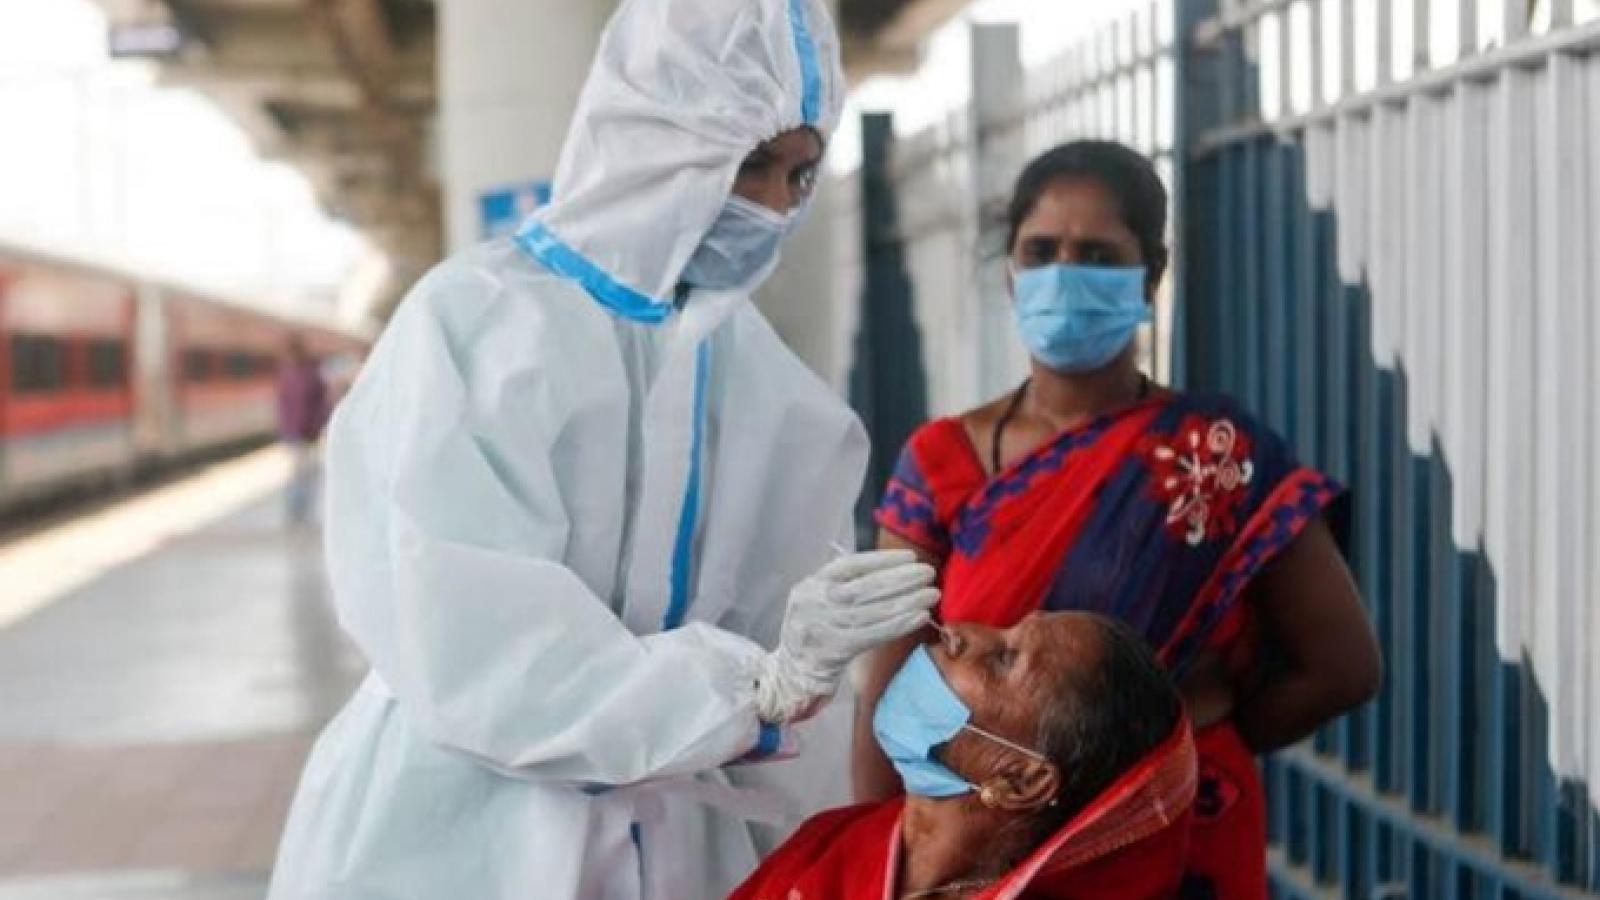 Chuyên gia WHO: Covid-19 tại Ấn Độ có thể đang ở vào giai đoạn lây nhiễm địa phương